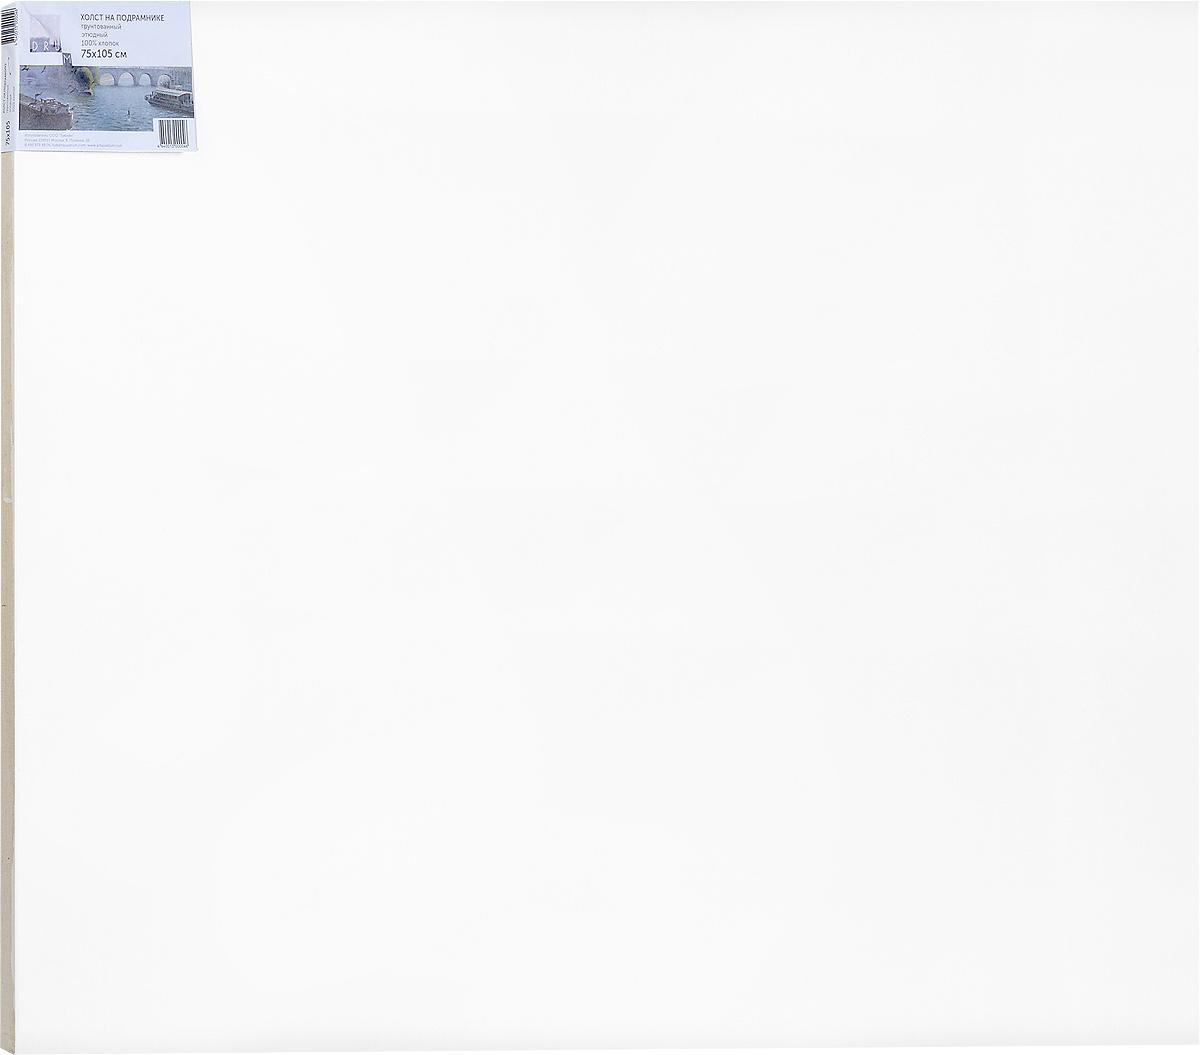 Холст ArtQuaDram Этюдный на подрамнике, грунтованный, 75 х 105 смТ0015363Холст на деревянном подрамнике ArtQuaDram Этюдный изготовлен из 100% натурального хлопка. Подходит для профессионалов и художников. Холст не трескается, не впитывает слишком много краски, цвет краски и качество не изменяются. Холст идеально подходит для масляной и акриловой живописи.